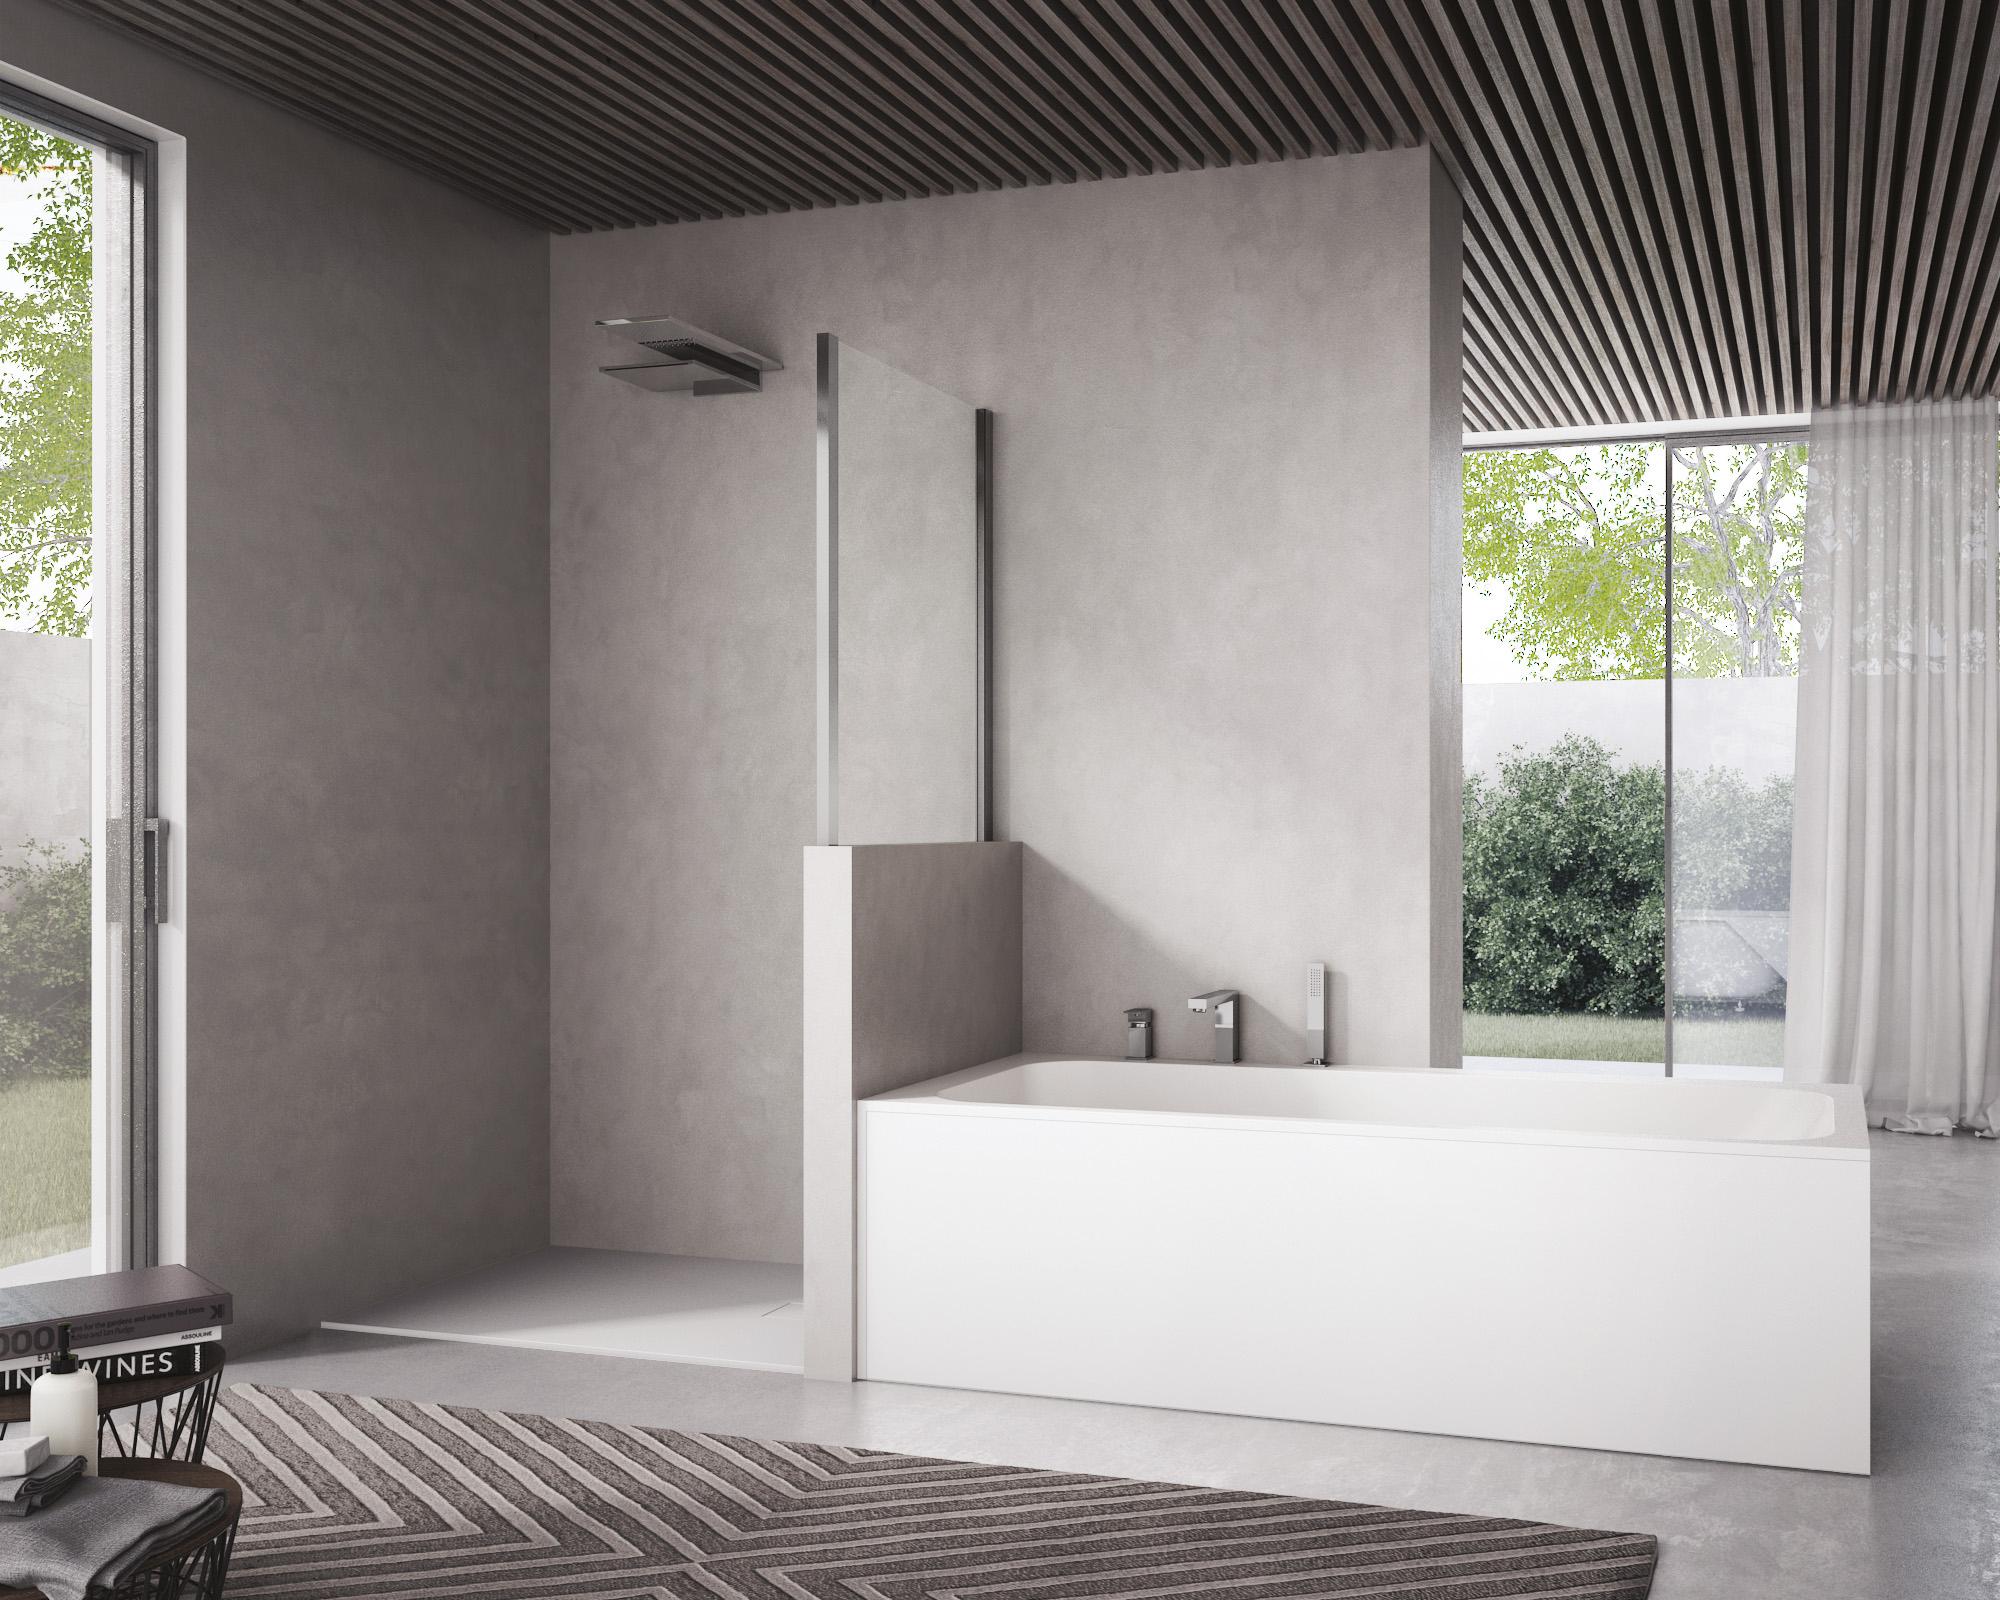 Come scegliere tra vasca da bagno e box doccia ideagroup - Bagno doccia vasca ...